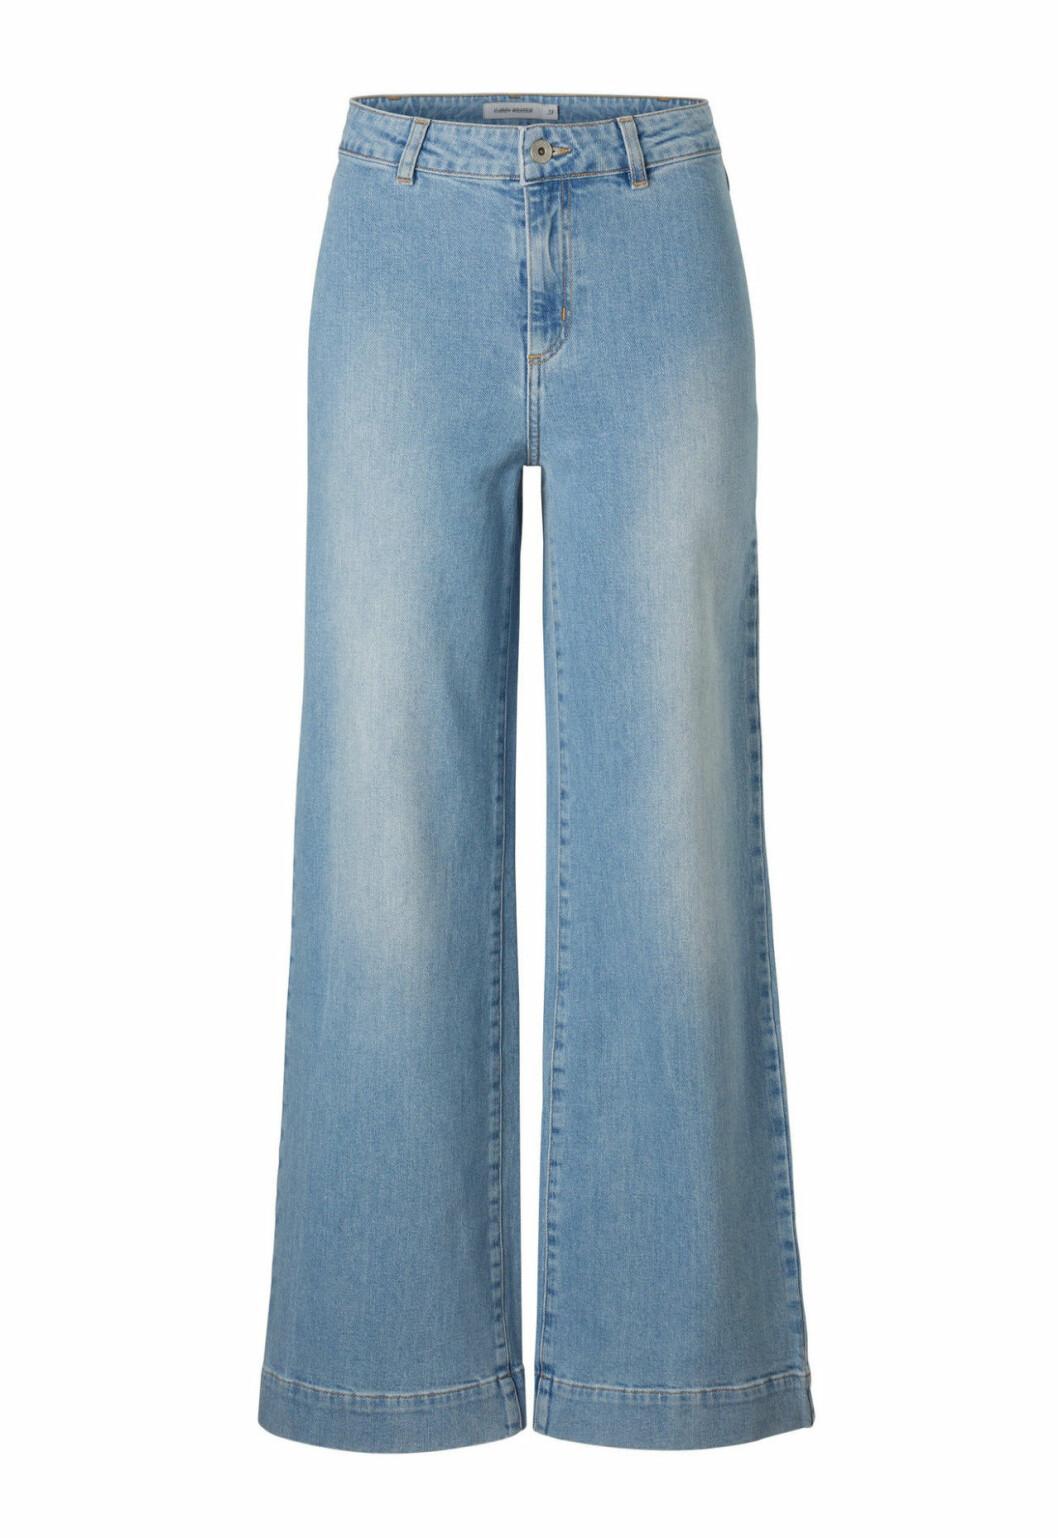 Ljusa jeans med vida ben